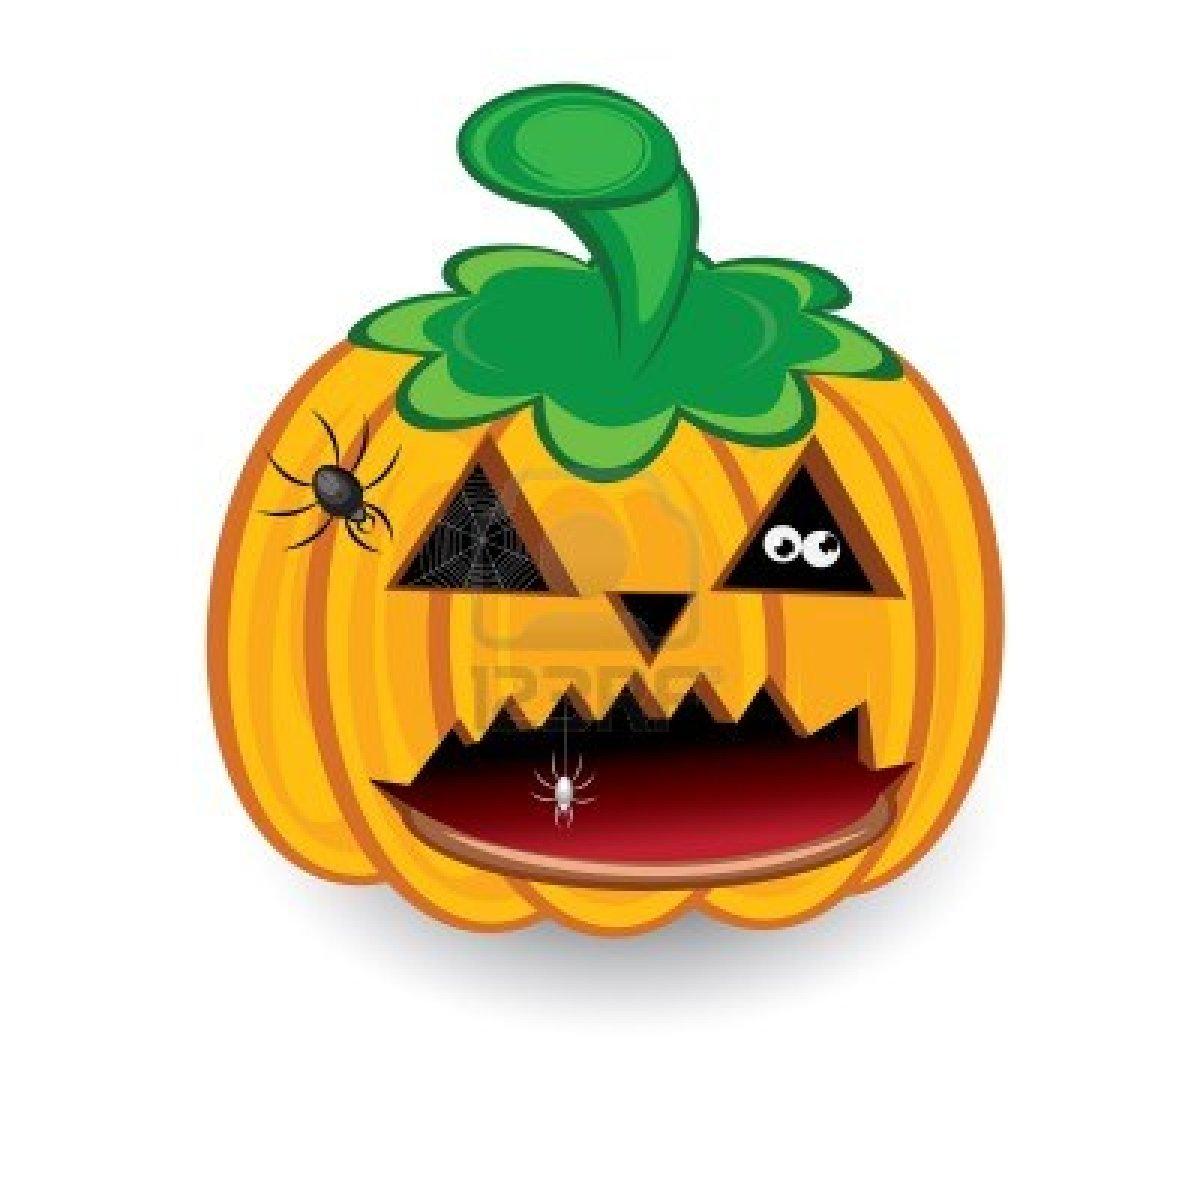 Dessins En Couleurs À Imprimer : Citrouille, Numéro : 151601 destiné Dessin Halloween Citrouille A Imprimer Gratuit